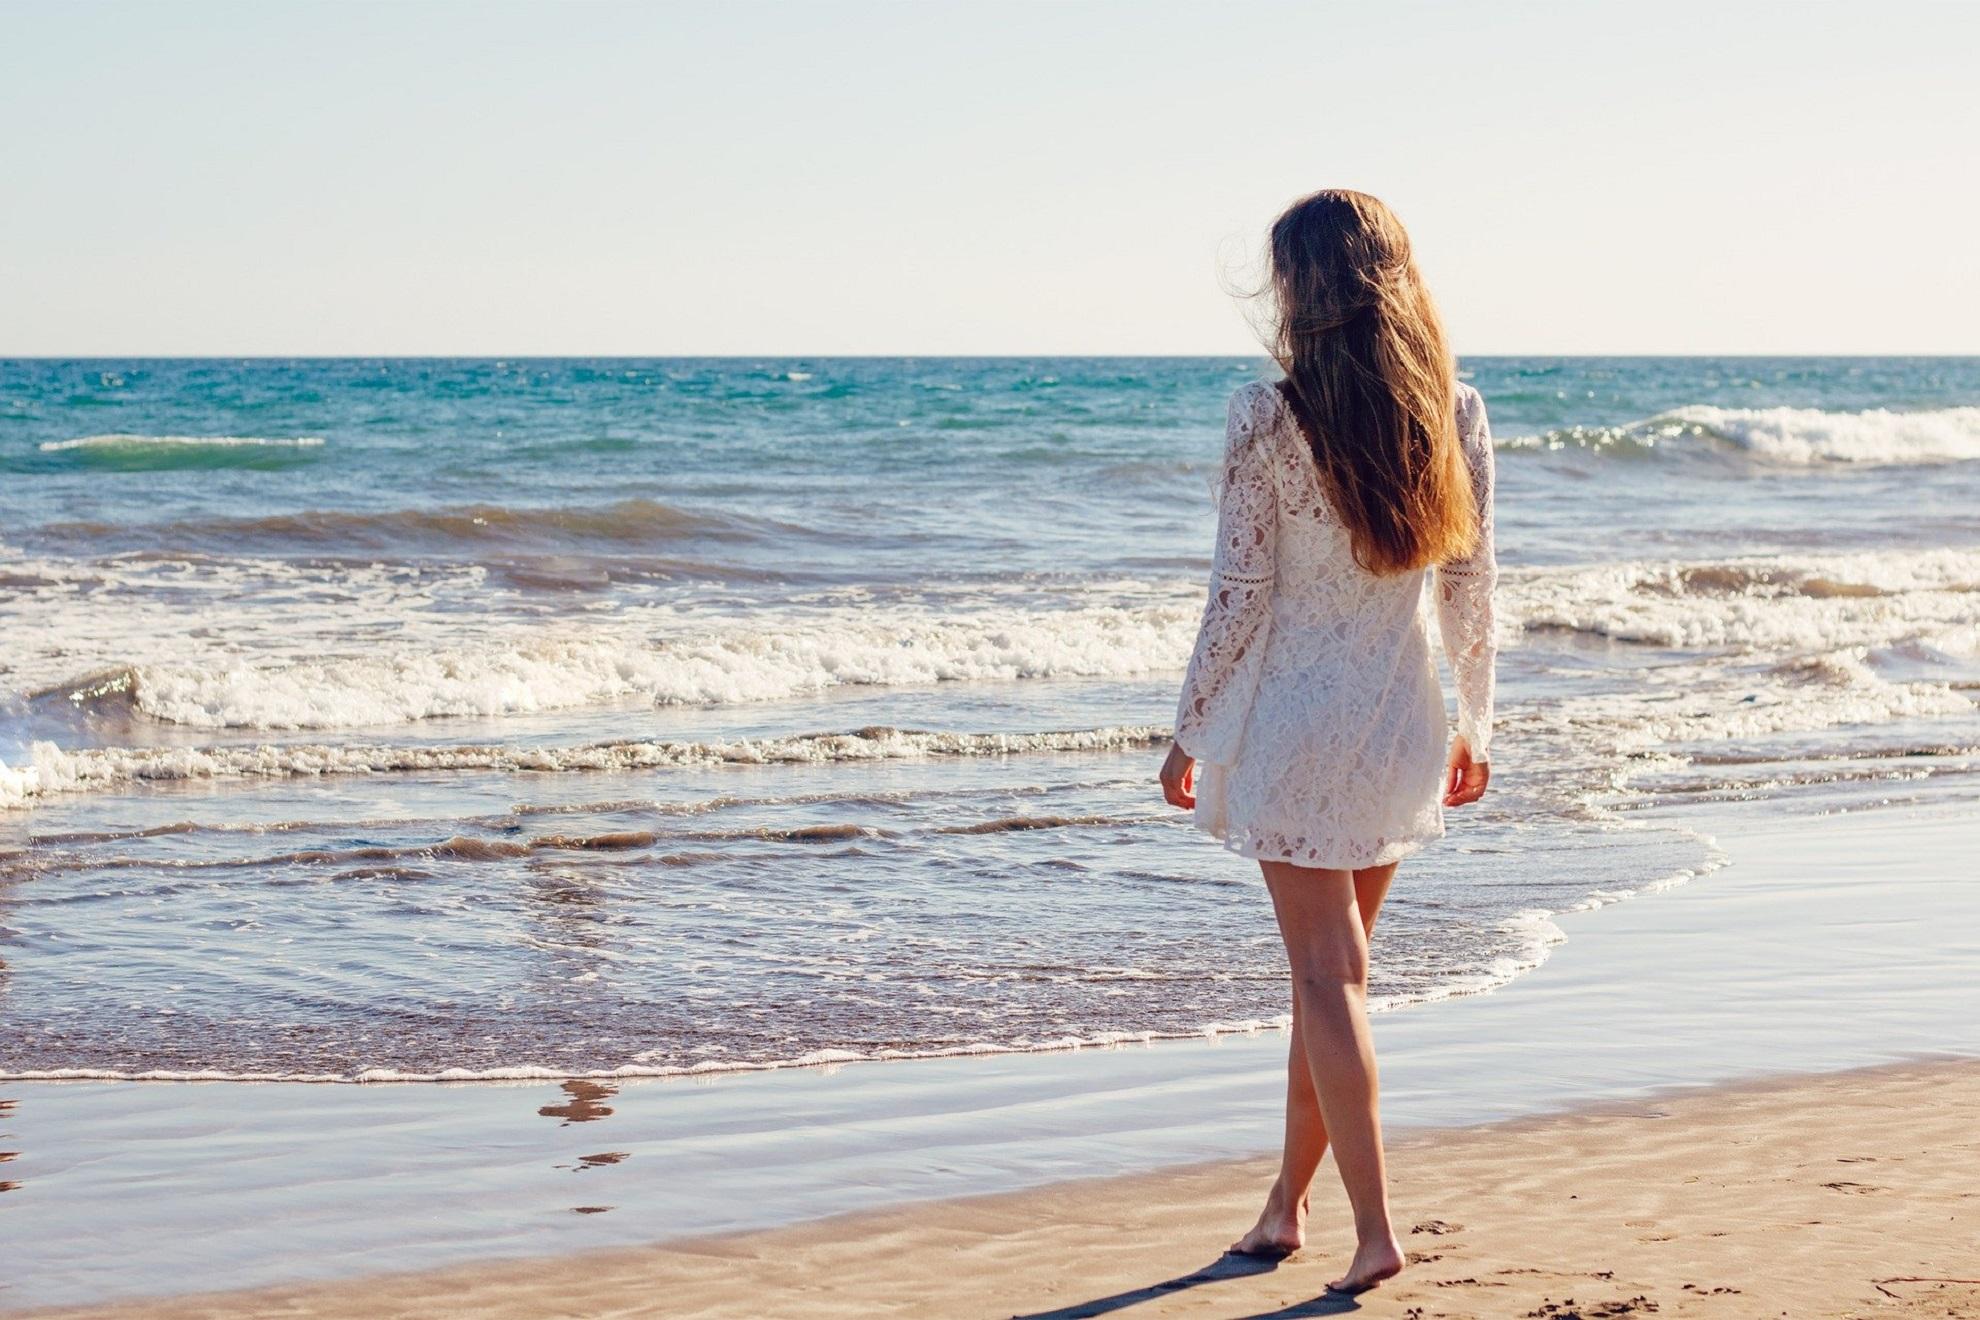 De pe 1 iunie turiștii vor merge la plajă cu rezervare: pe plajele aglomerate accesul este interzis, care sunt condițiile pentru salvamari